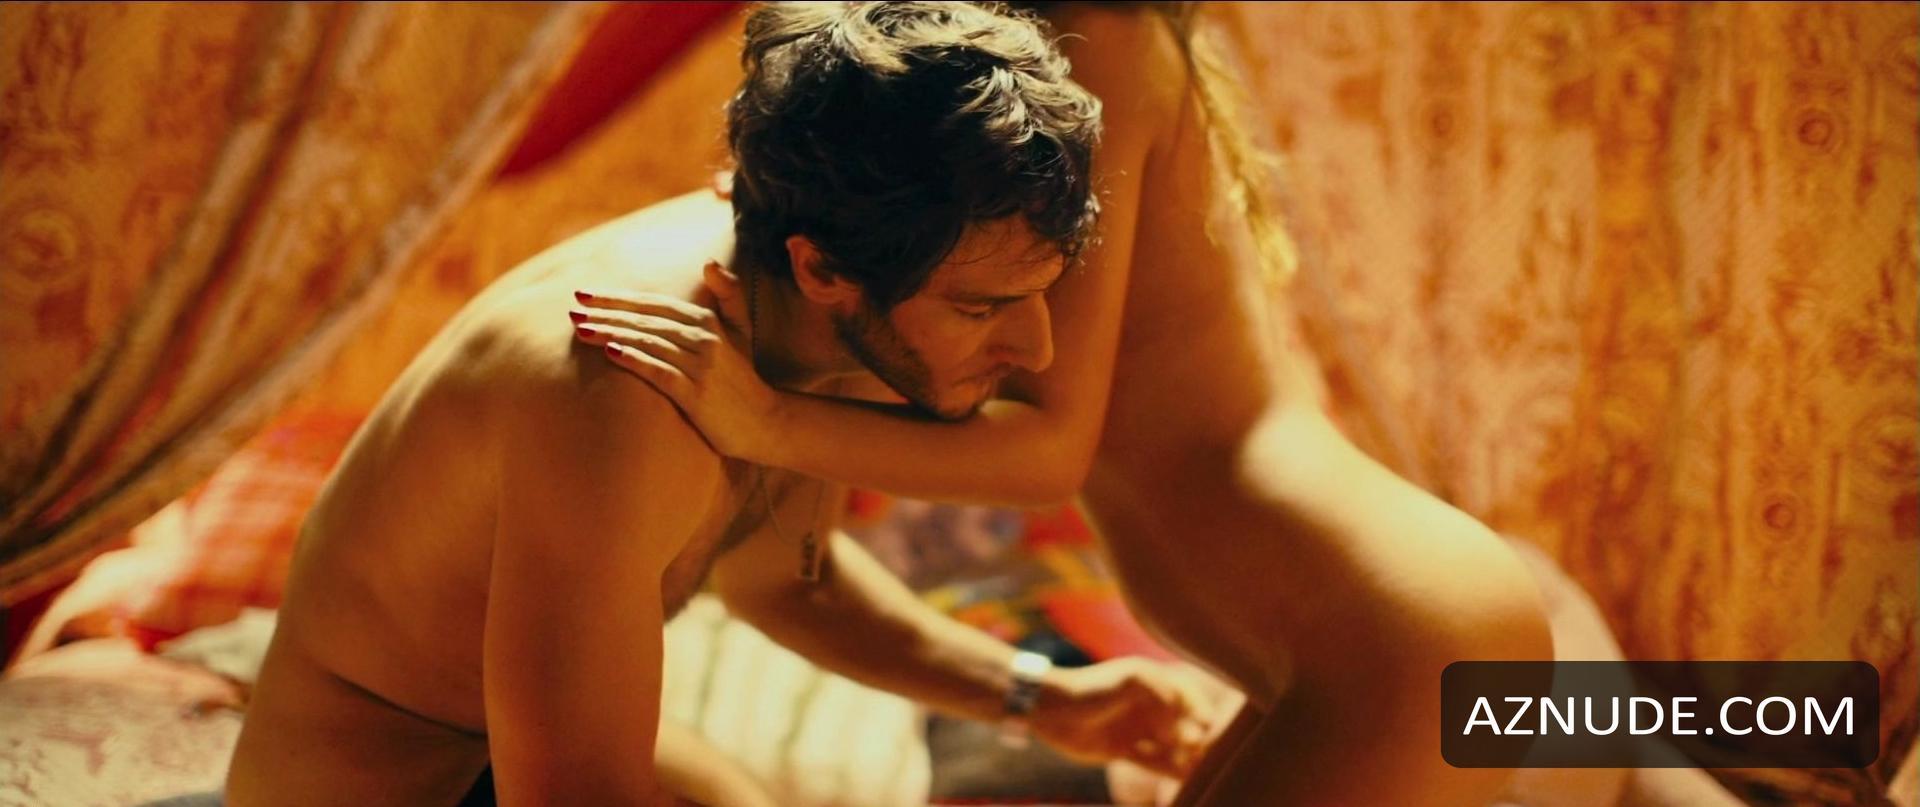 nude of tamana porn painig in sex